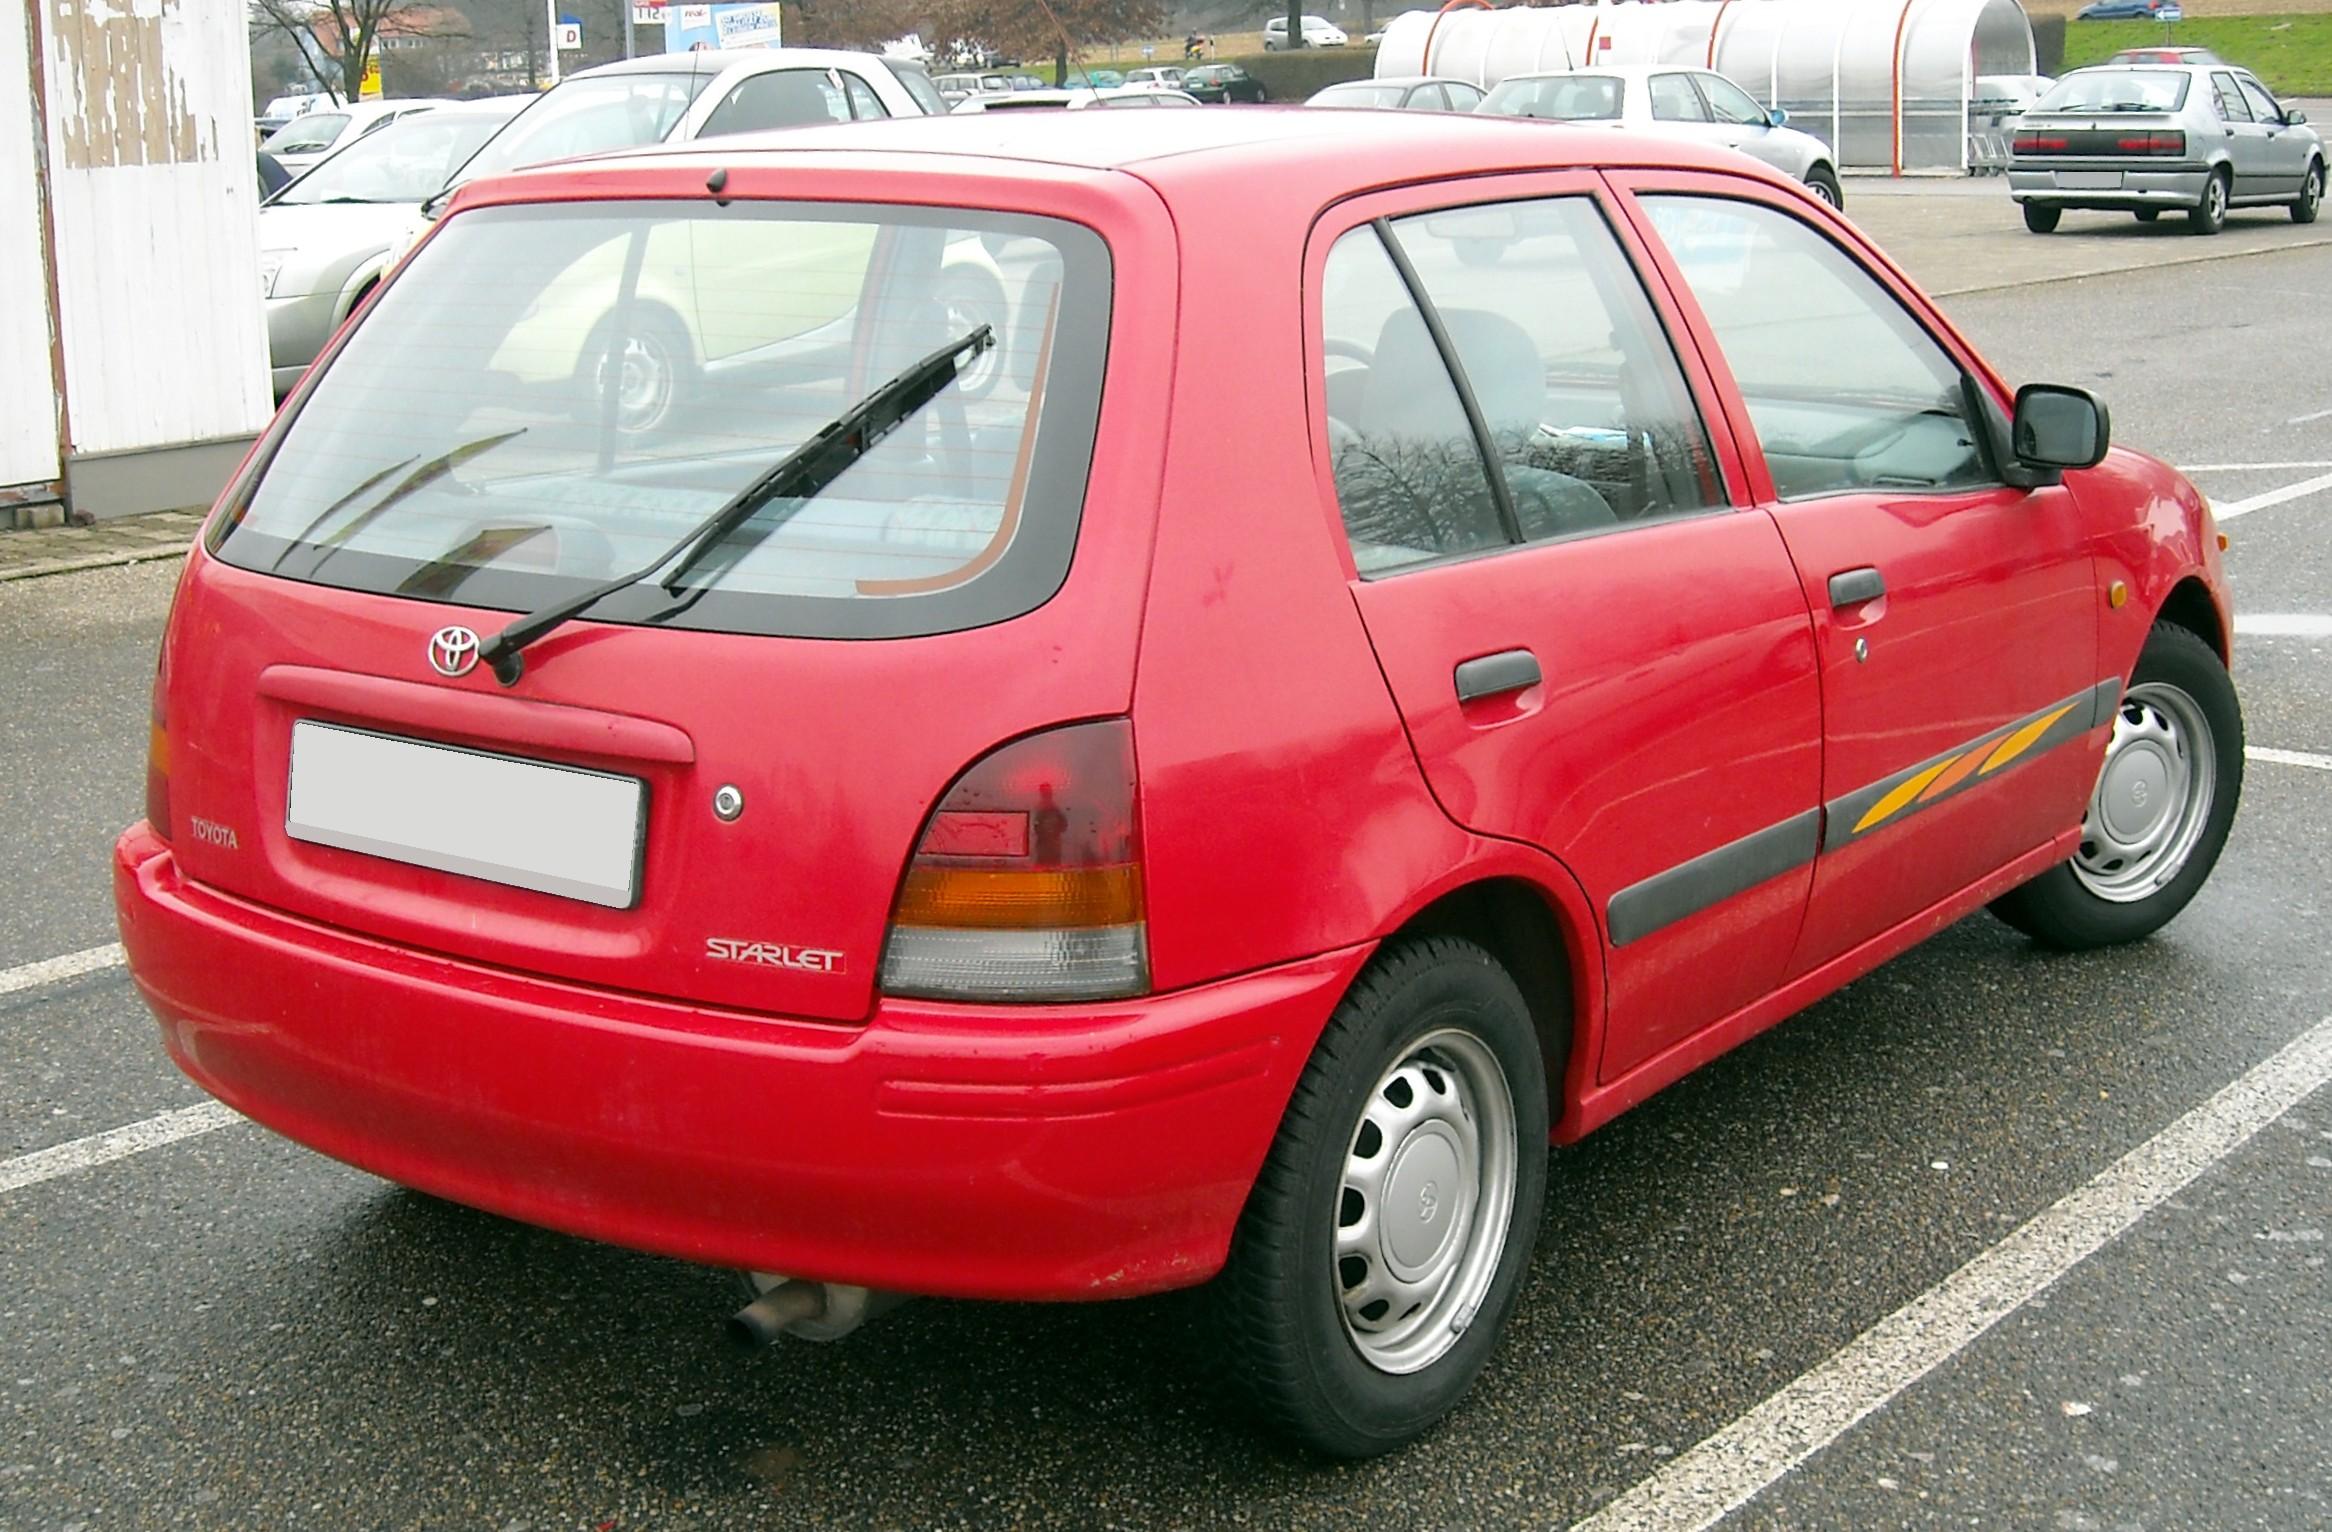 Toyota Starlet occasion auto à vendre en Belgique Autoccasion.be